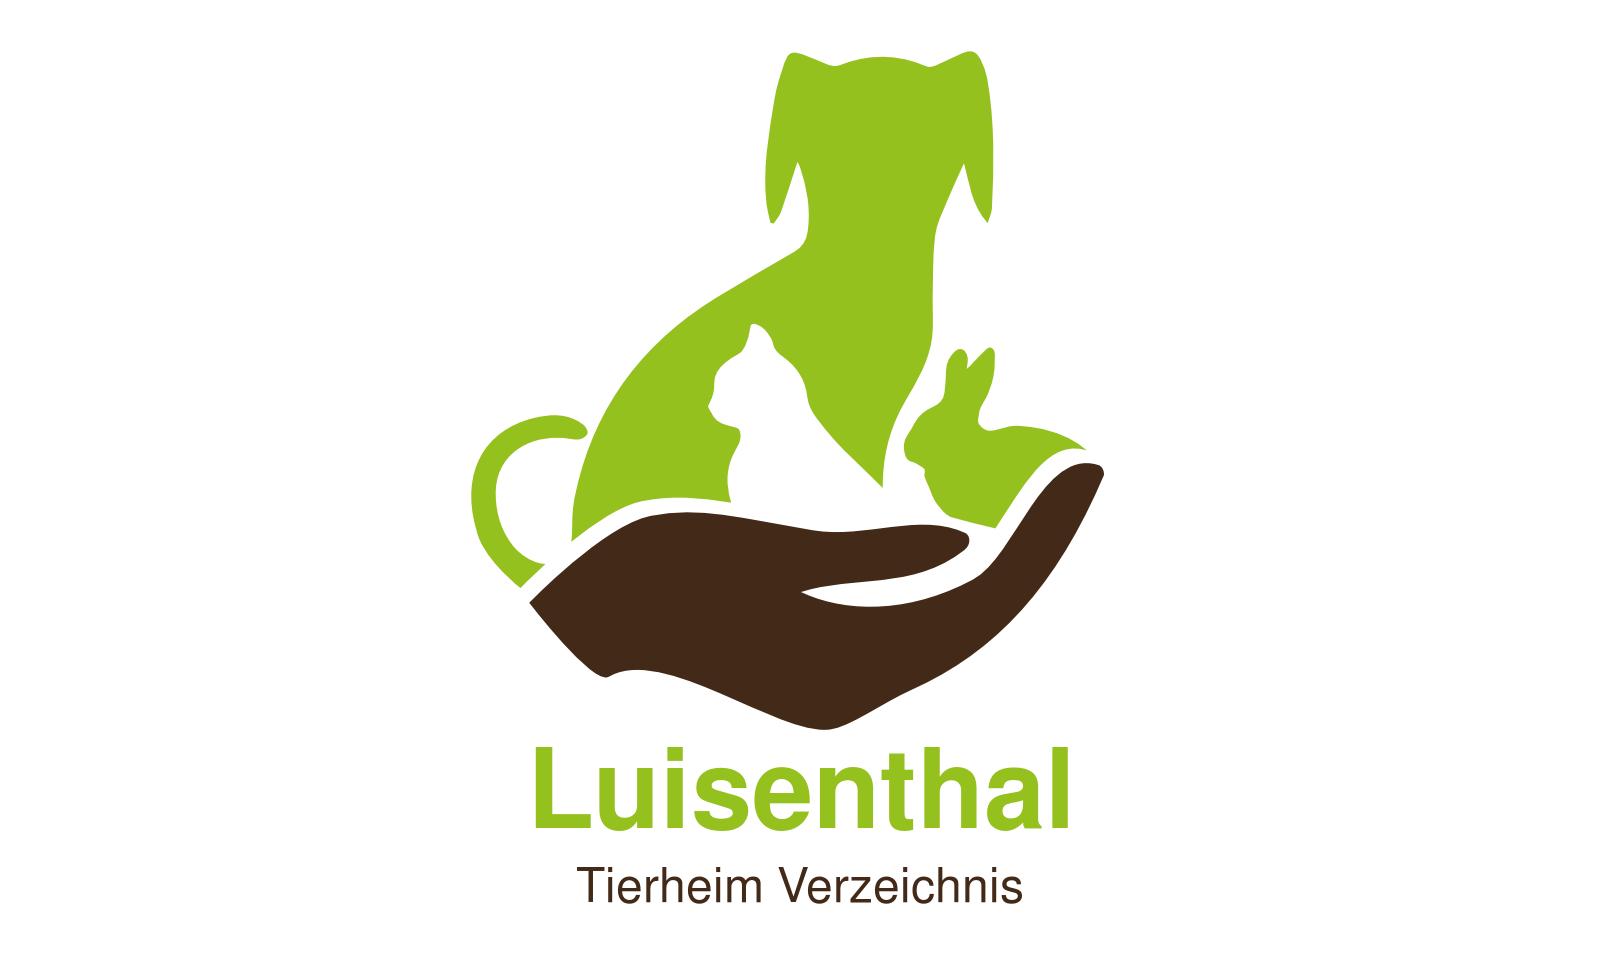 Tierheim Luisenthal